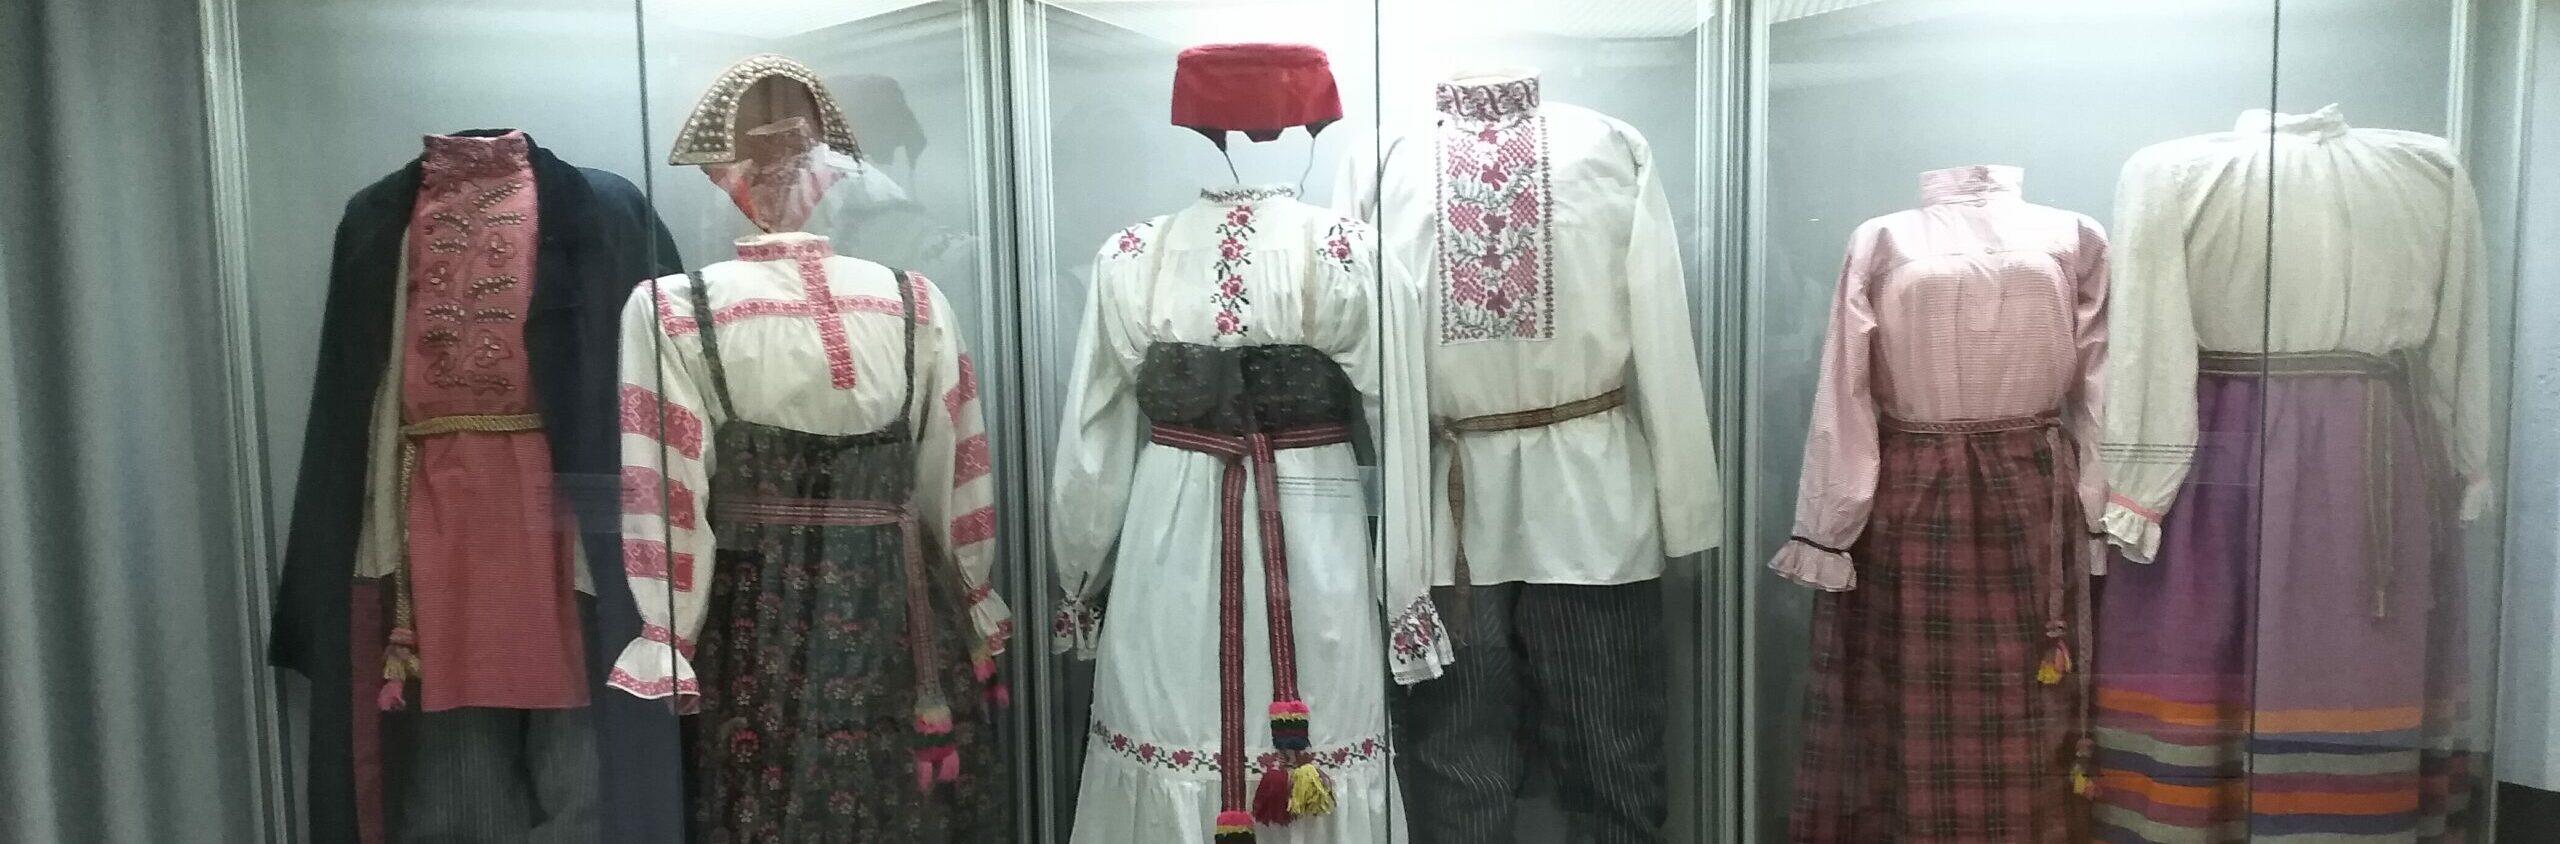 Обычаи коми-пермяков, живущих в Березниковском районе (Пермский край)